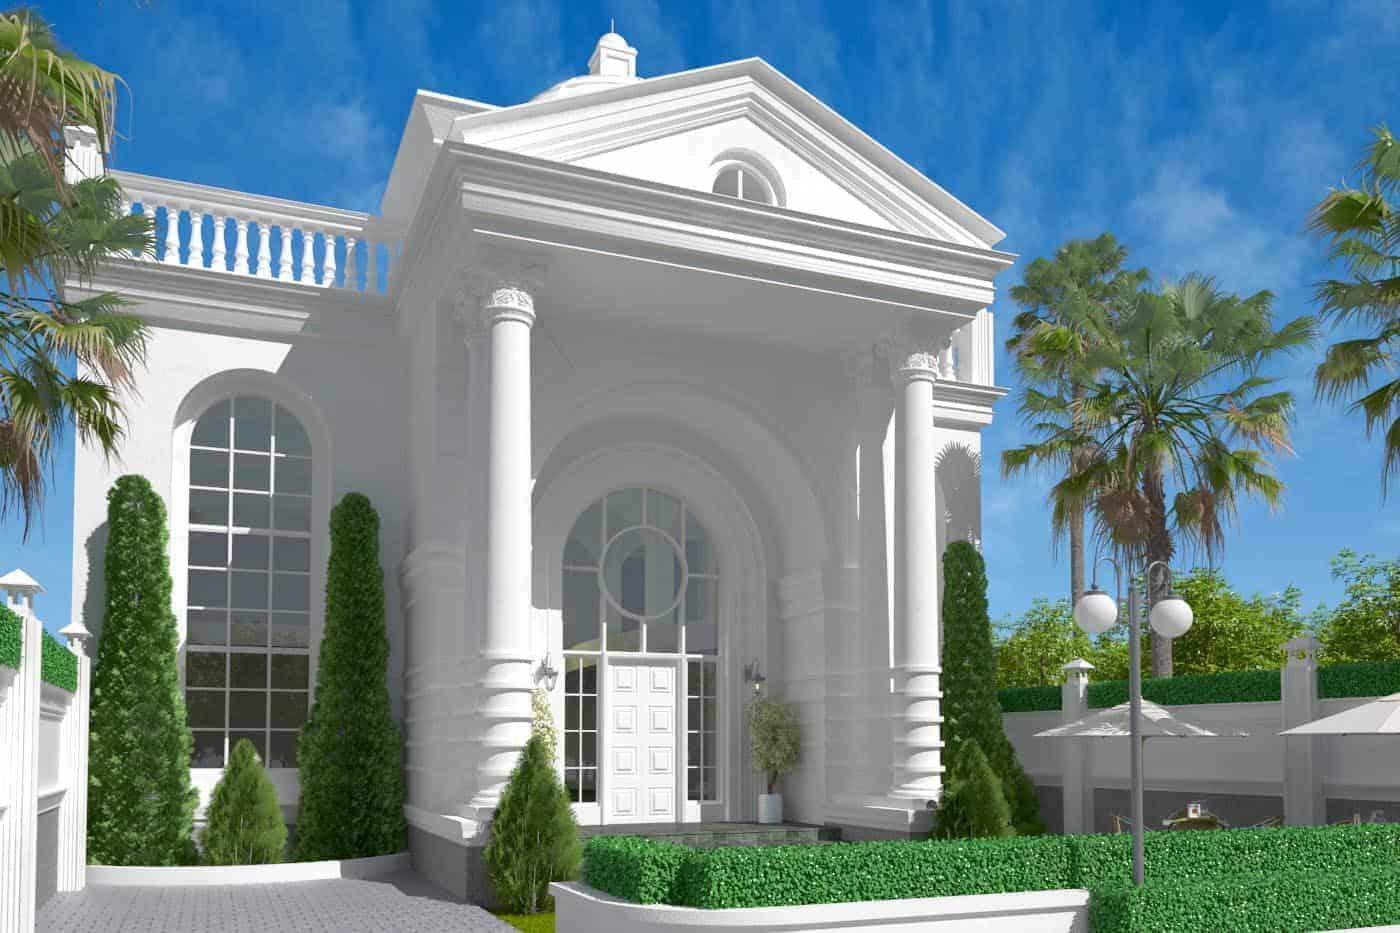 Desain Rumah Klasik Mr. Ruslim - Medan | VECTOR 41 ARSITEK